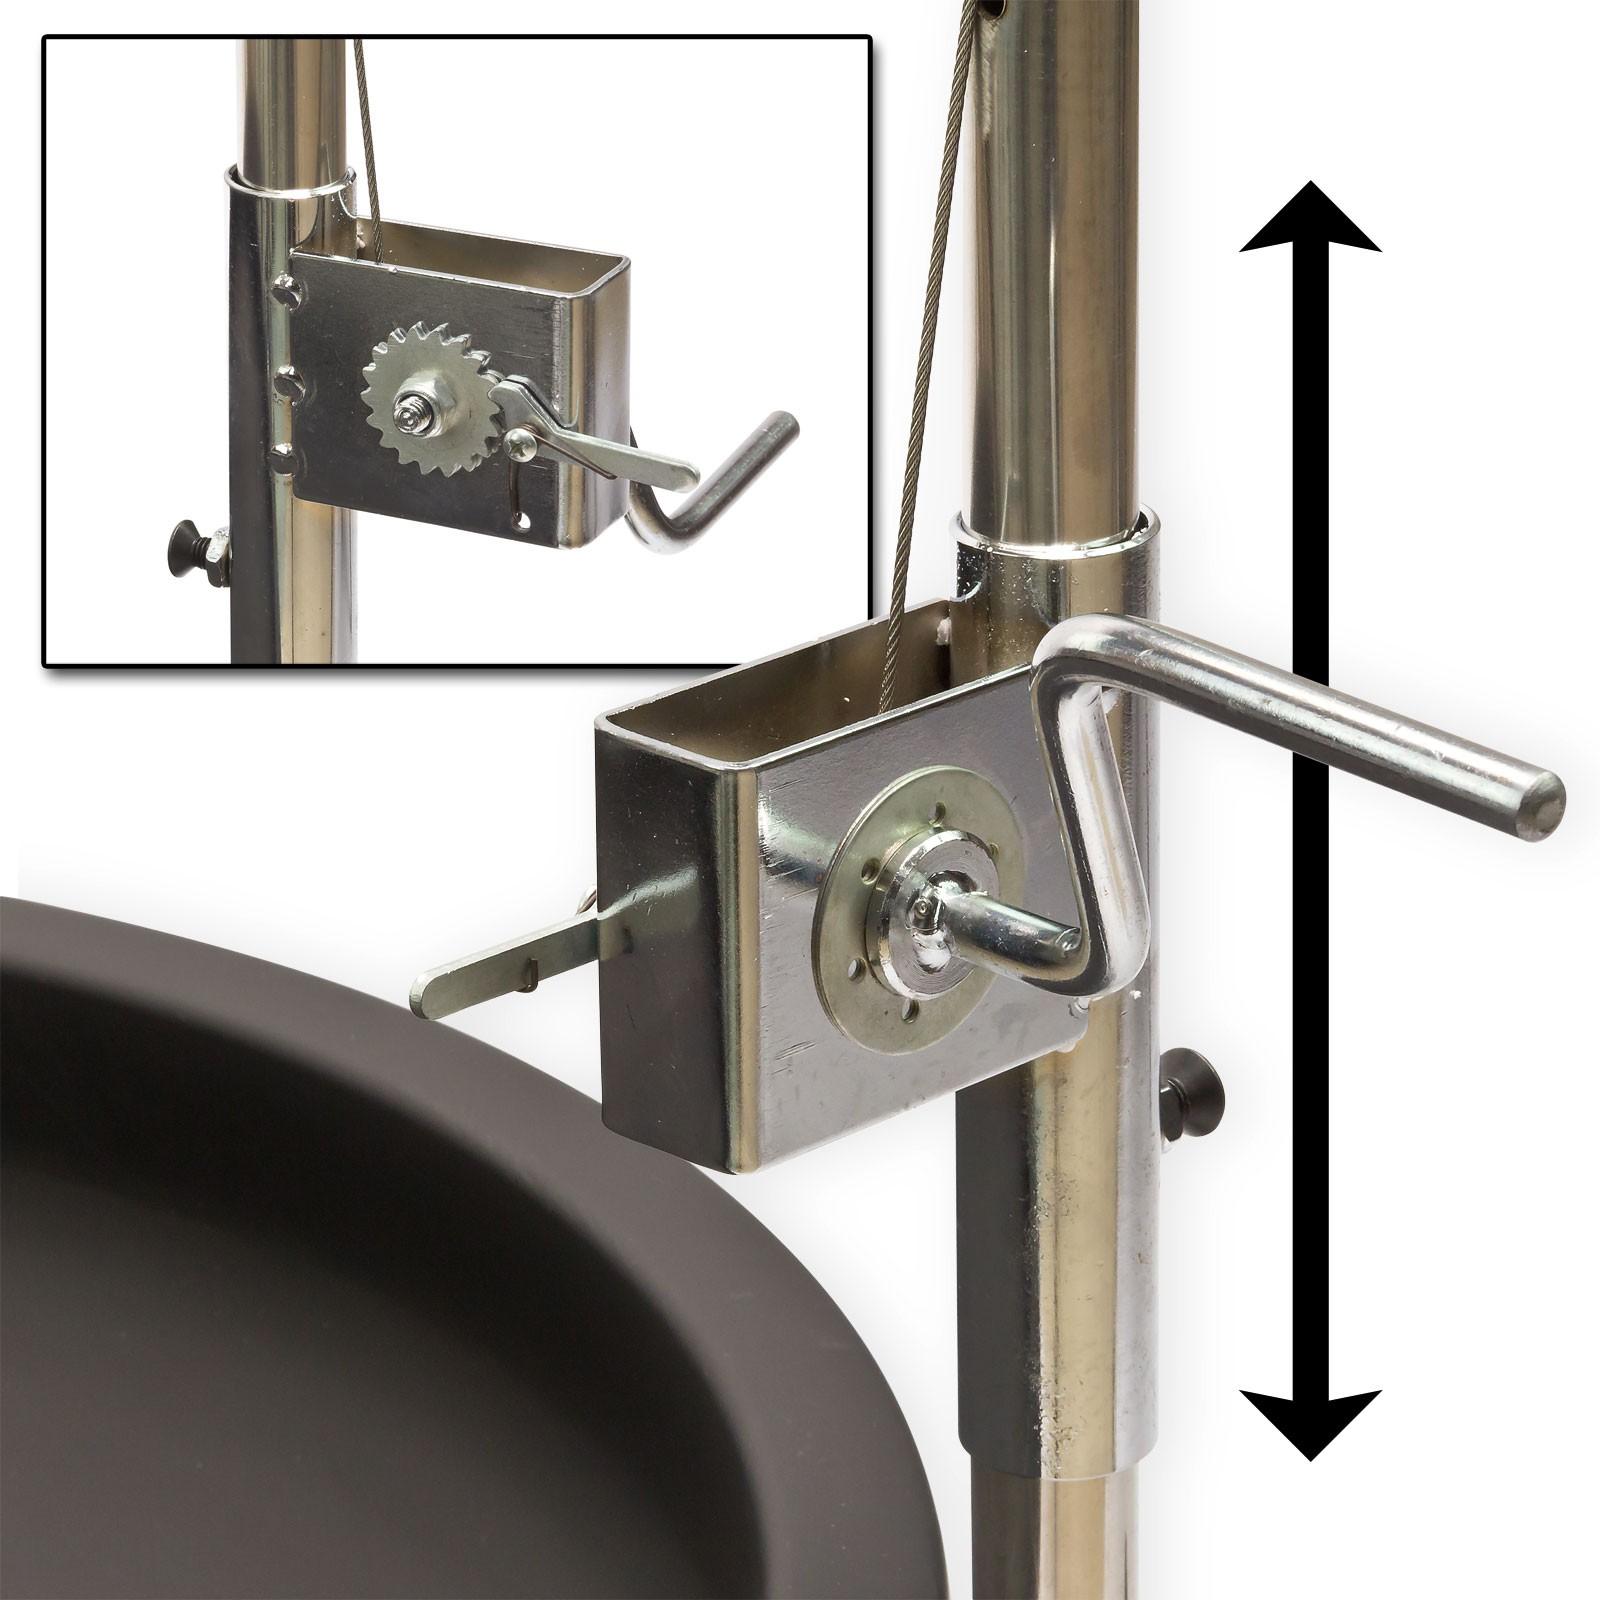 schwenkgrill holzkohlegrill 3 beinig 55cm grillrost edelstahl feuerschale ebay. Black Bedroom Furniture Sets. Home Design Ideas